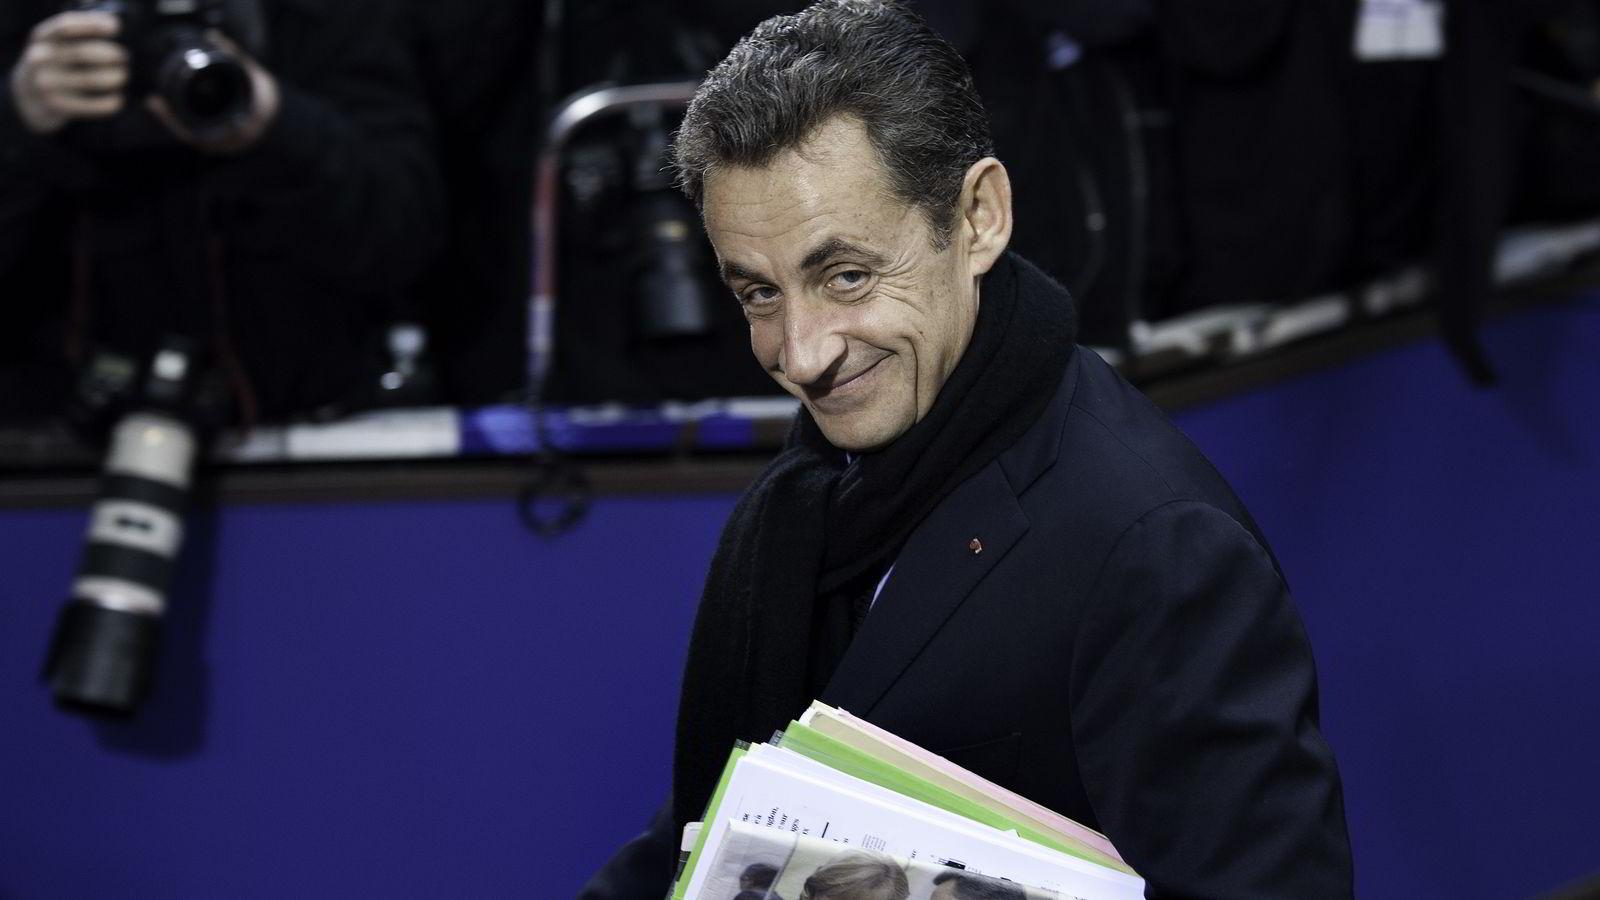 Nicolas Sarkozy vil annonsere sitt kandidatur til presidentvervet i Frankrike kommende onsdag, melder franske medier. Her er avbildet da han var president forrige gang.